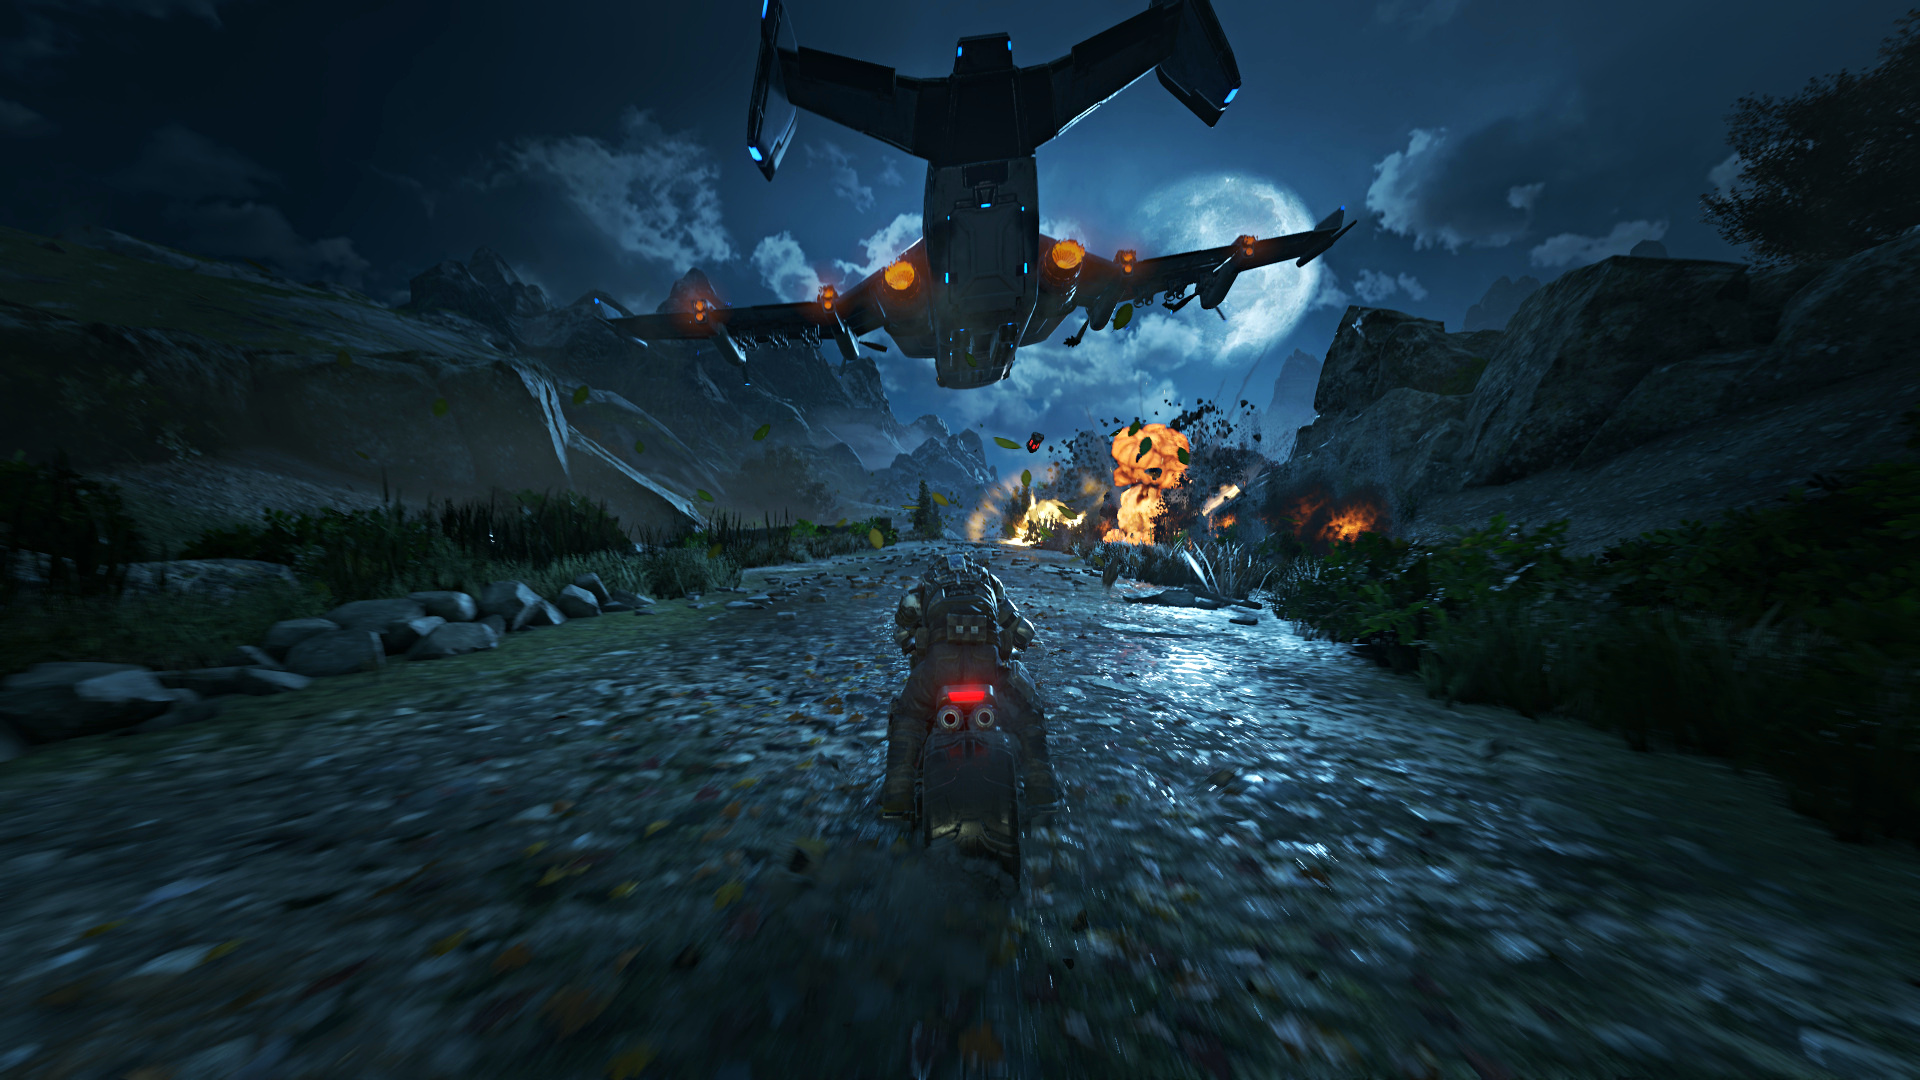 Radeon RX Vega 64 im Test: Schnell und durstig mit Potenzial - Benchmark-Szene von Gears of War 4 (Screenshot: Marc Sauter/Golem.de, Rechteinhaber: Microsoft)